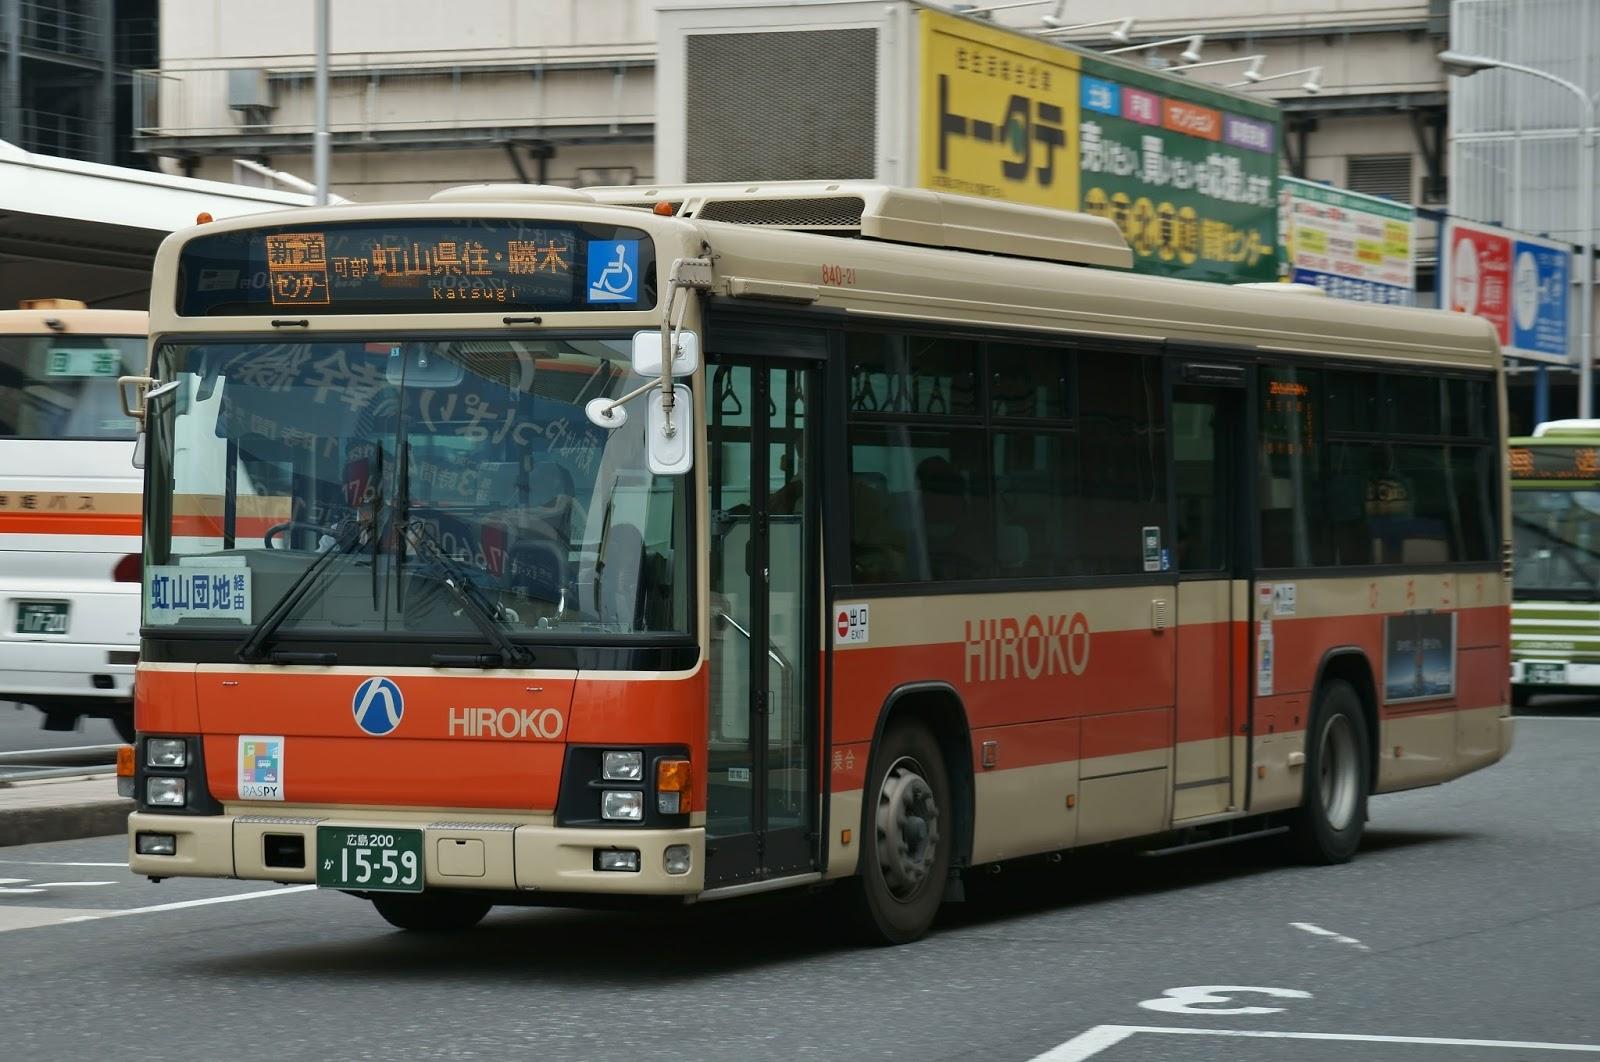 広島のバス: 広島交通 広島200か...